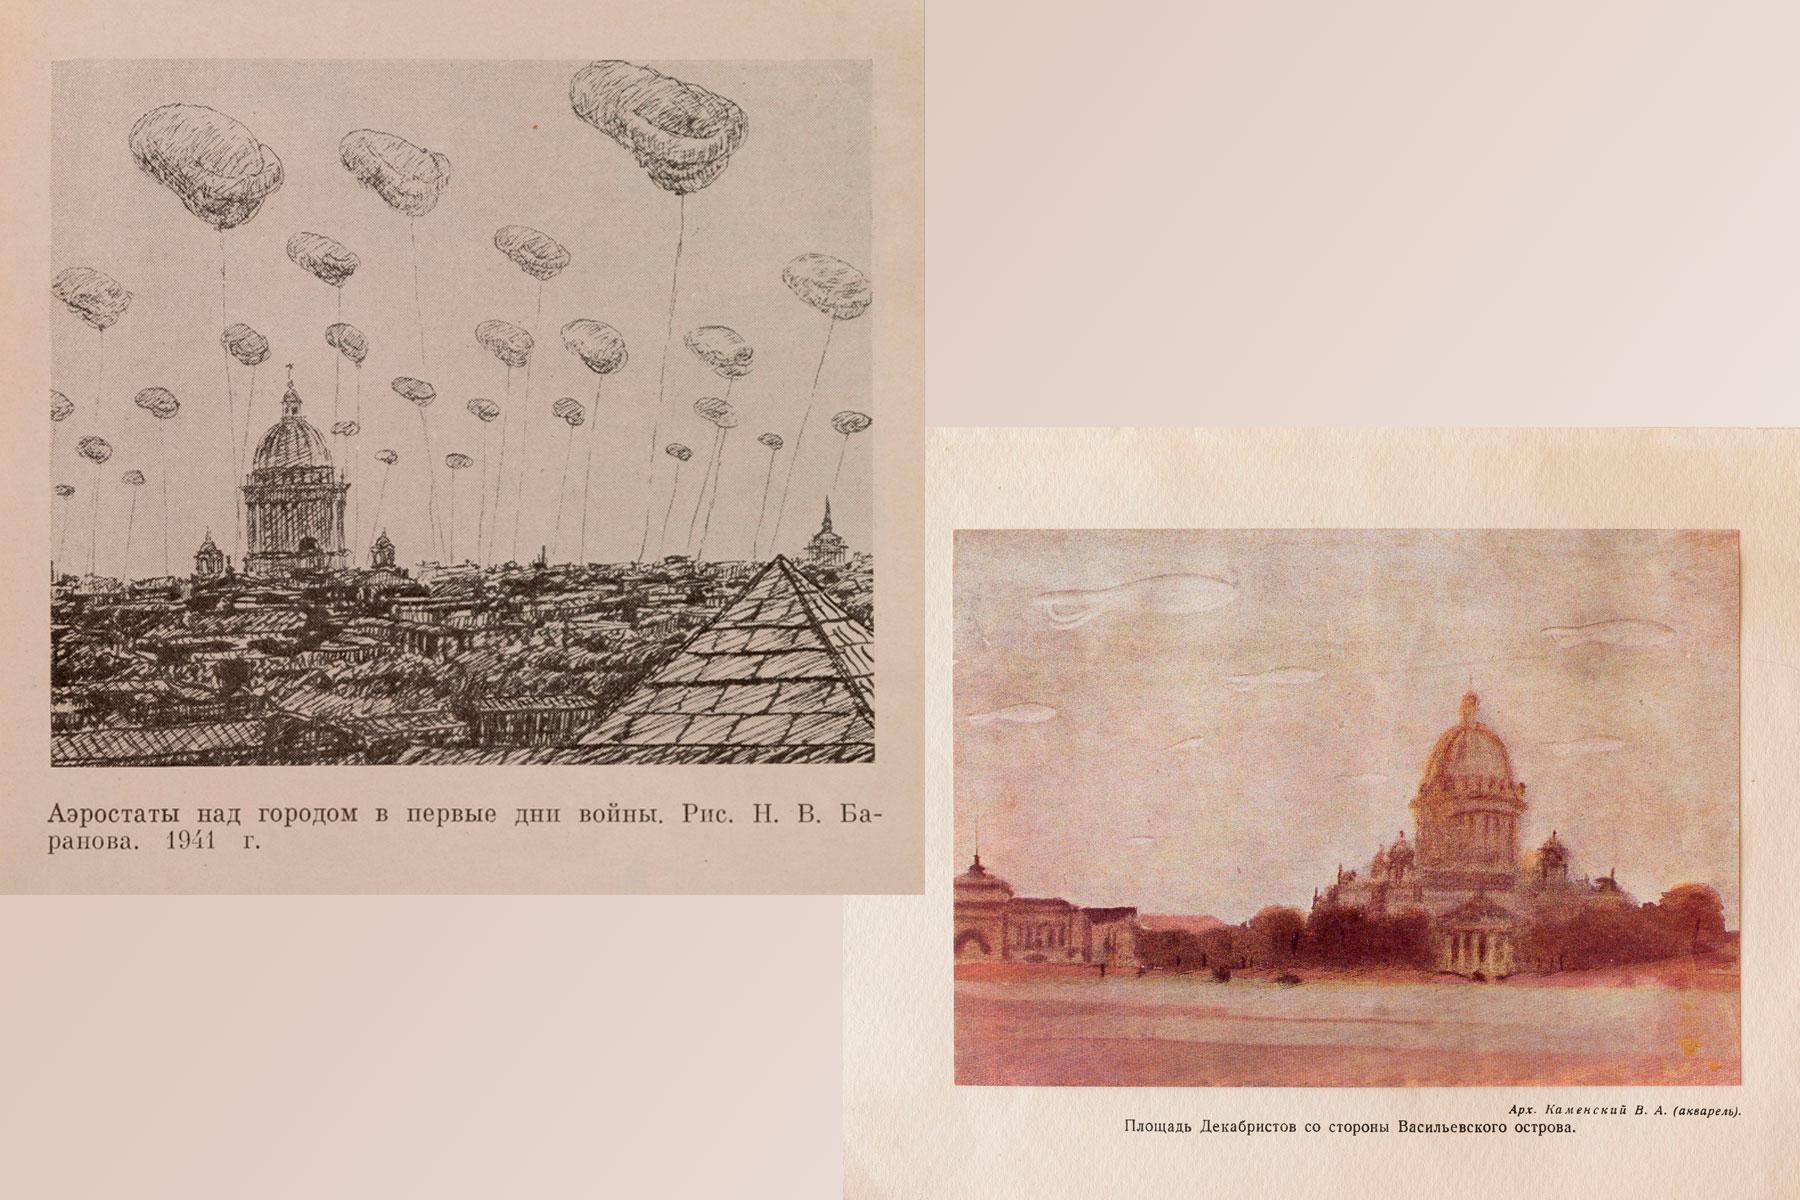 Оба издания сопровождались авторскими иллюстрациями с видами города военного времени